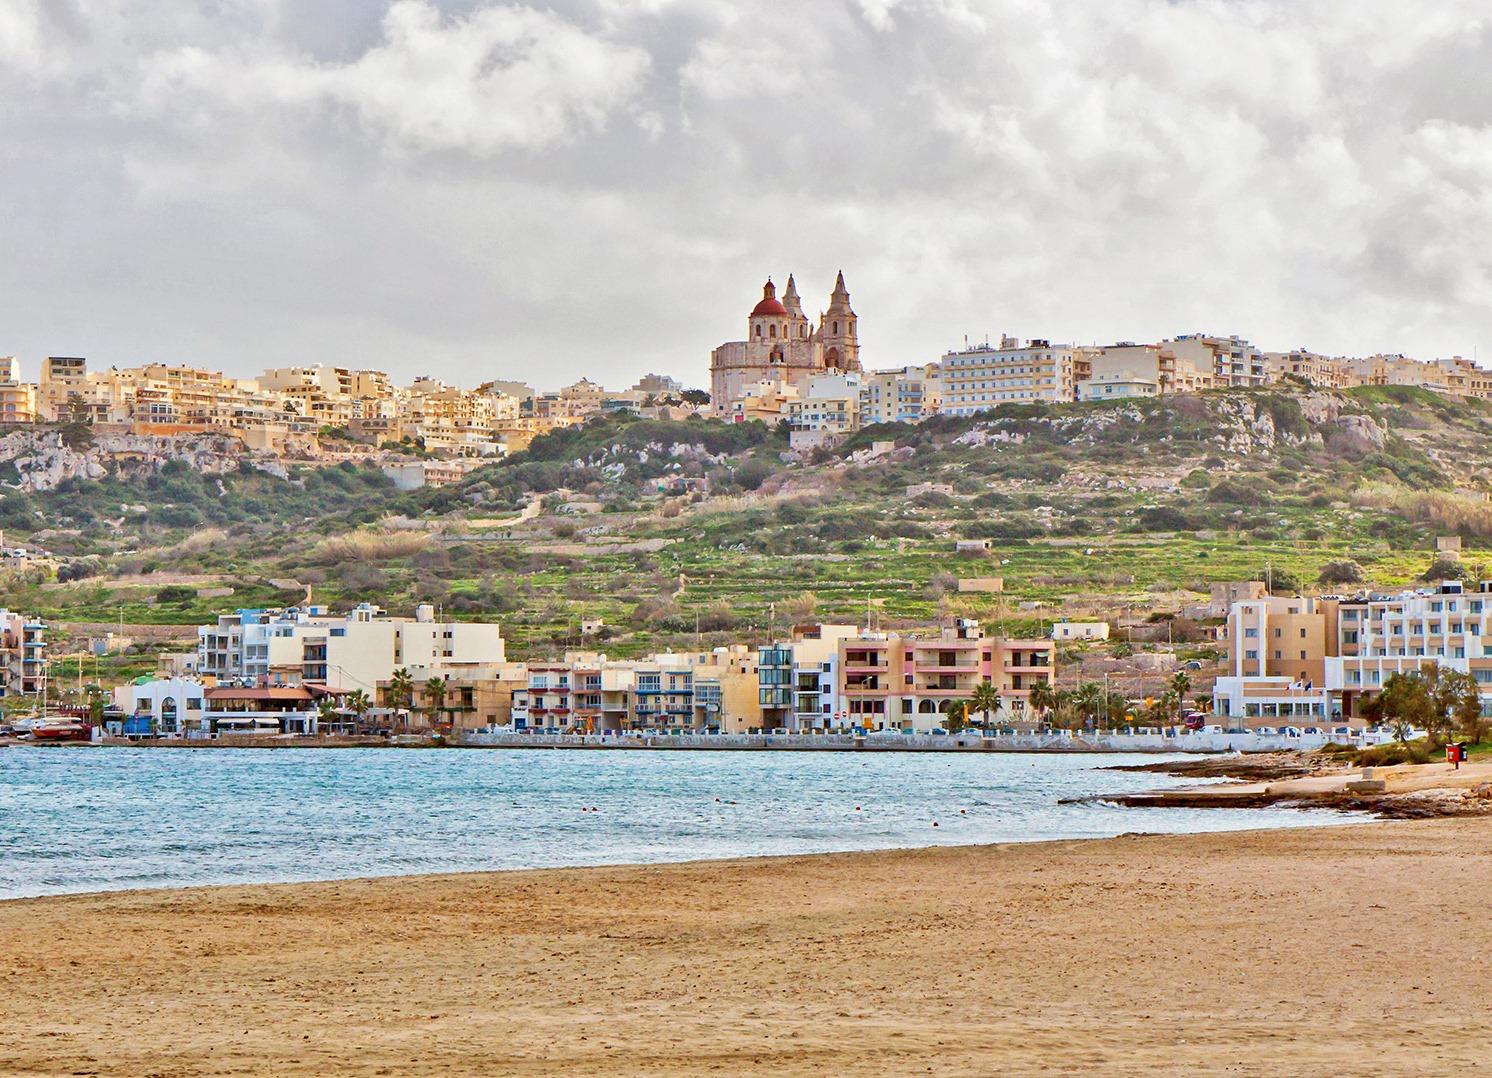 Пляжи Мальты: ну, и где купаться будем? • Мальтийский вестник